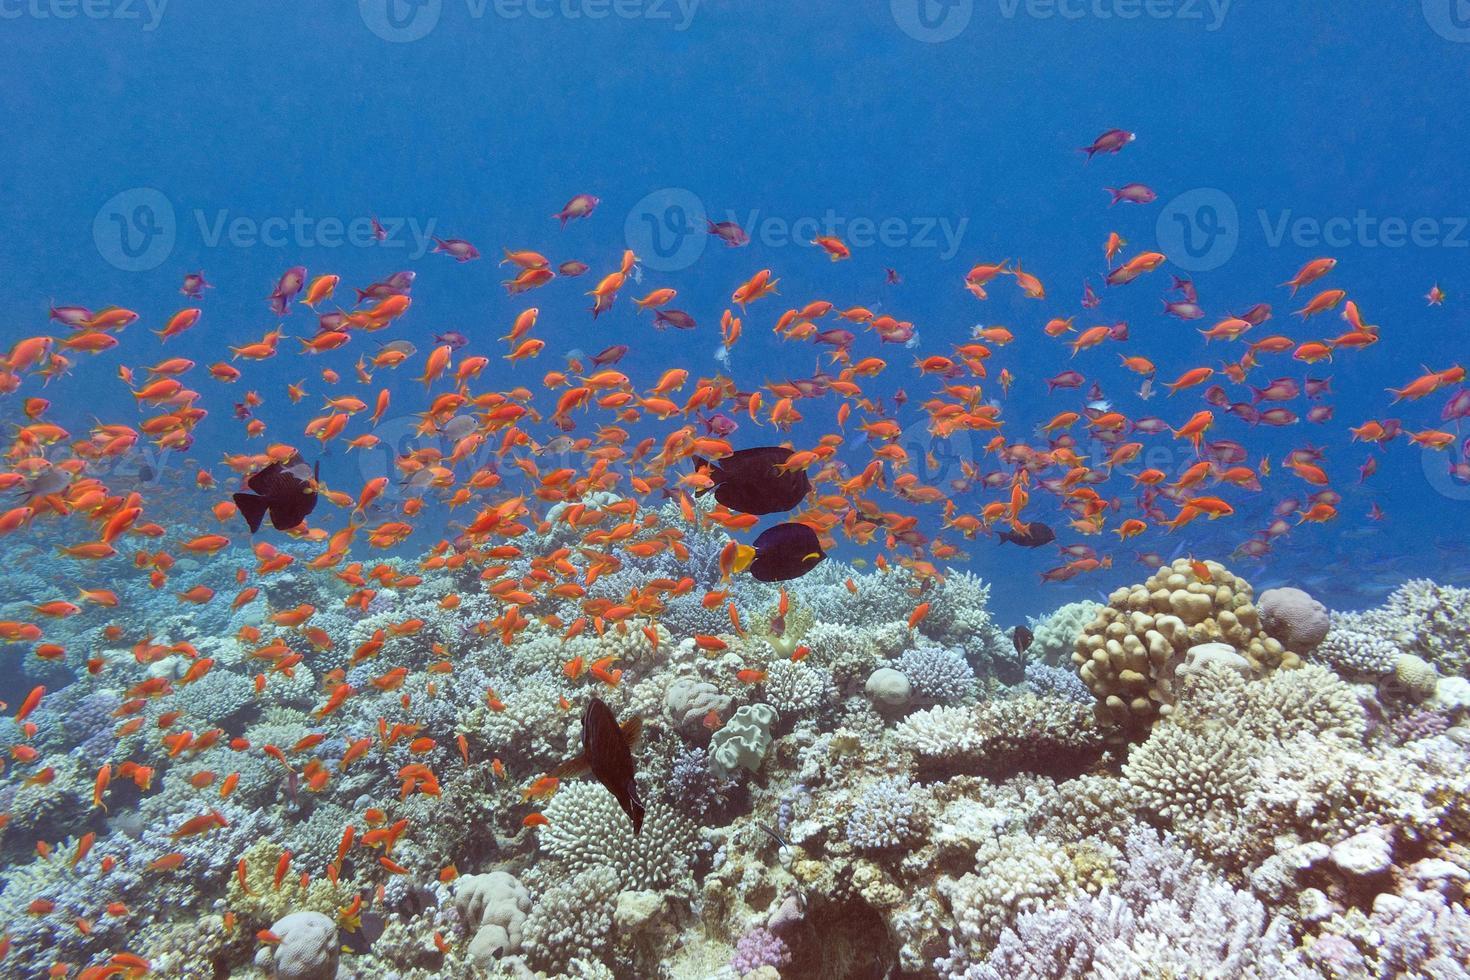 recifes de corais com peixes scalefin anthias no mar tropical, debaixo d'água foto